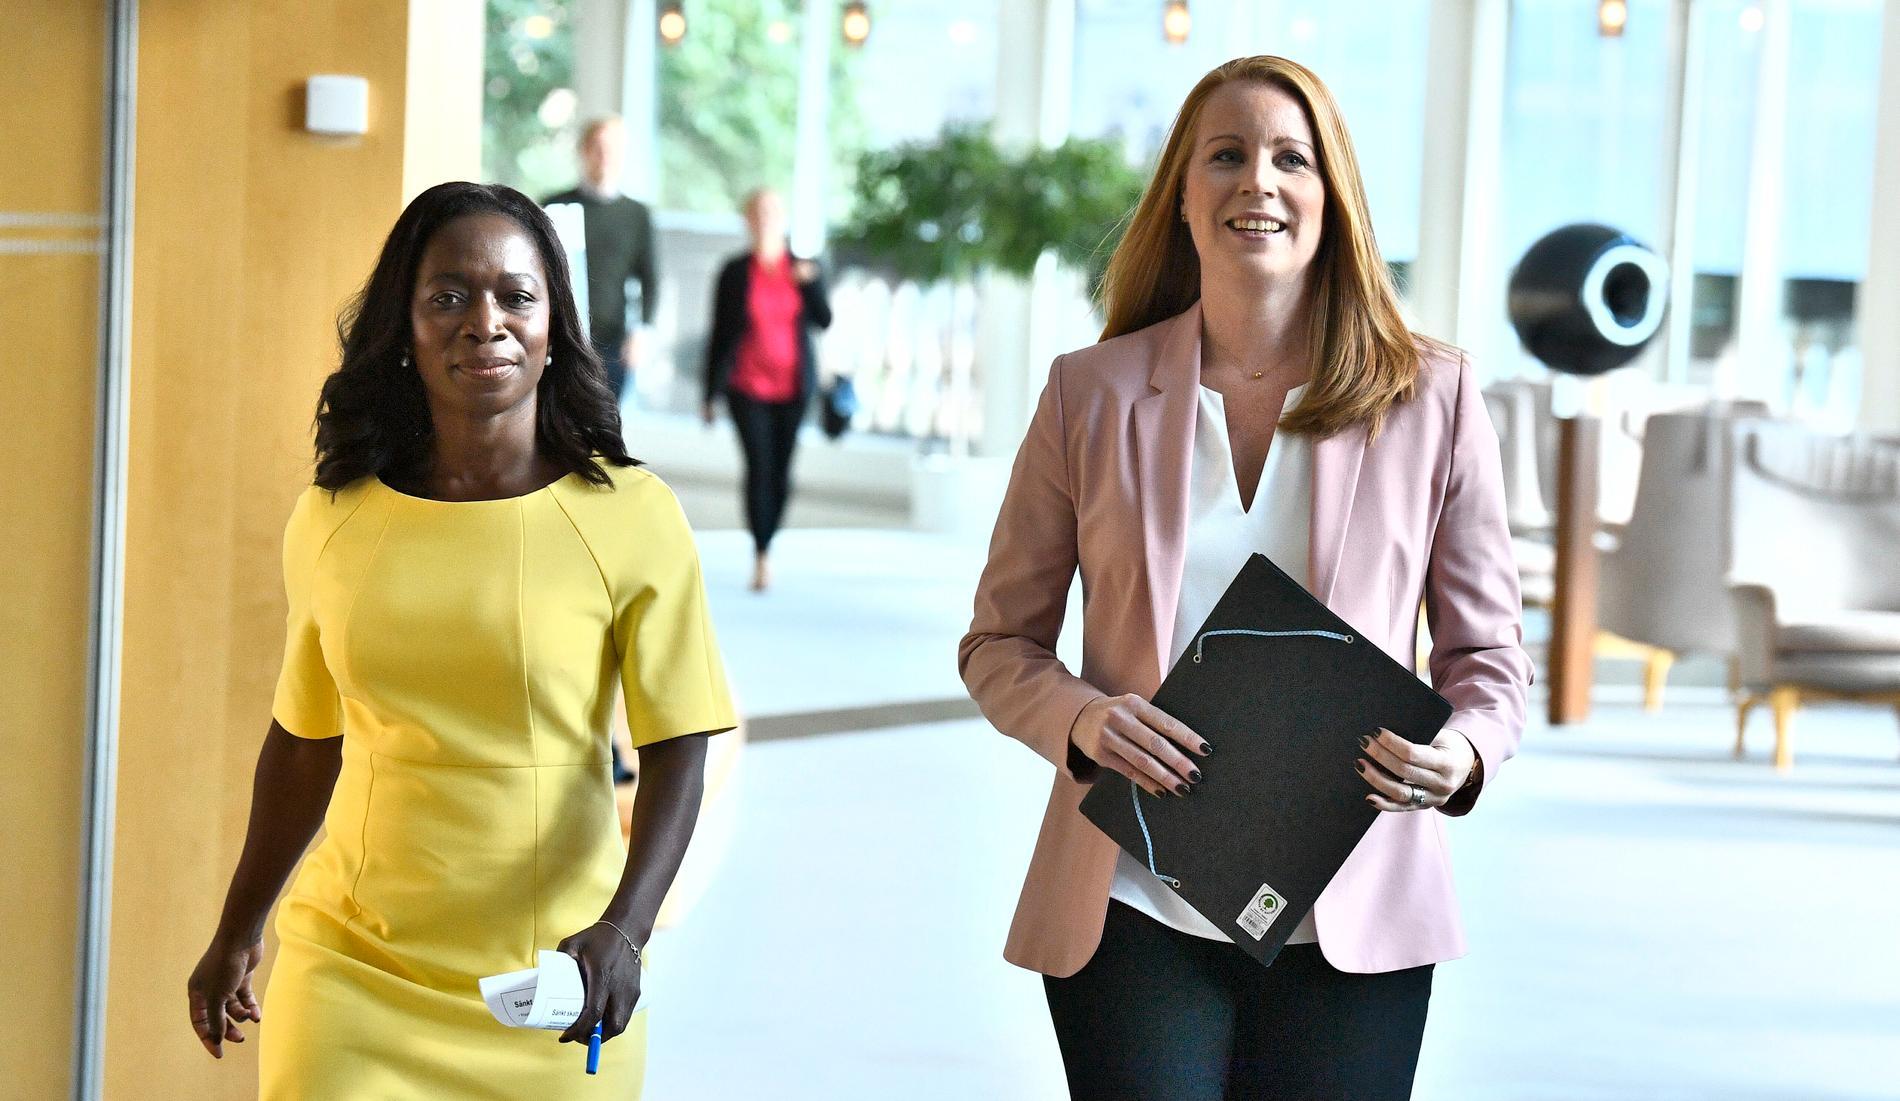 Nyamko Sabunis beslut att lämna januariavtalet tvingar Annie Lööf att välja mellan om hon vill stötta en regering som behöver förhandla med V eller SD.